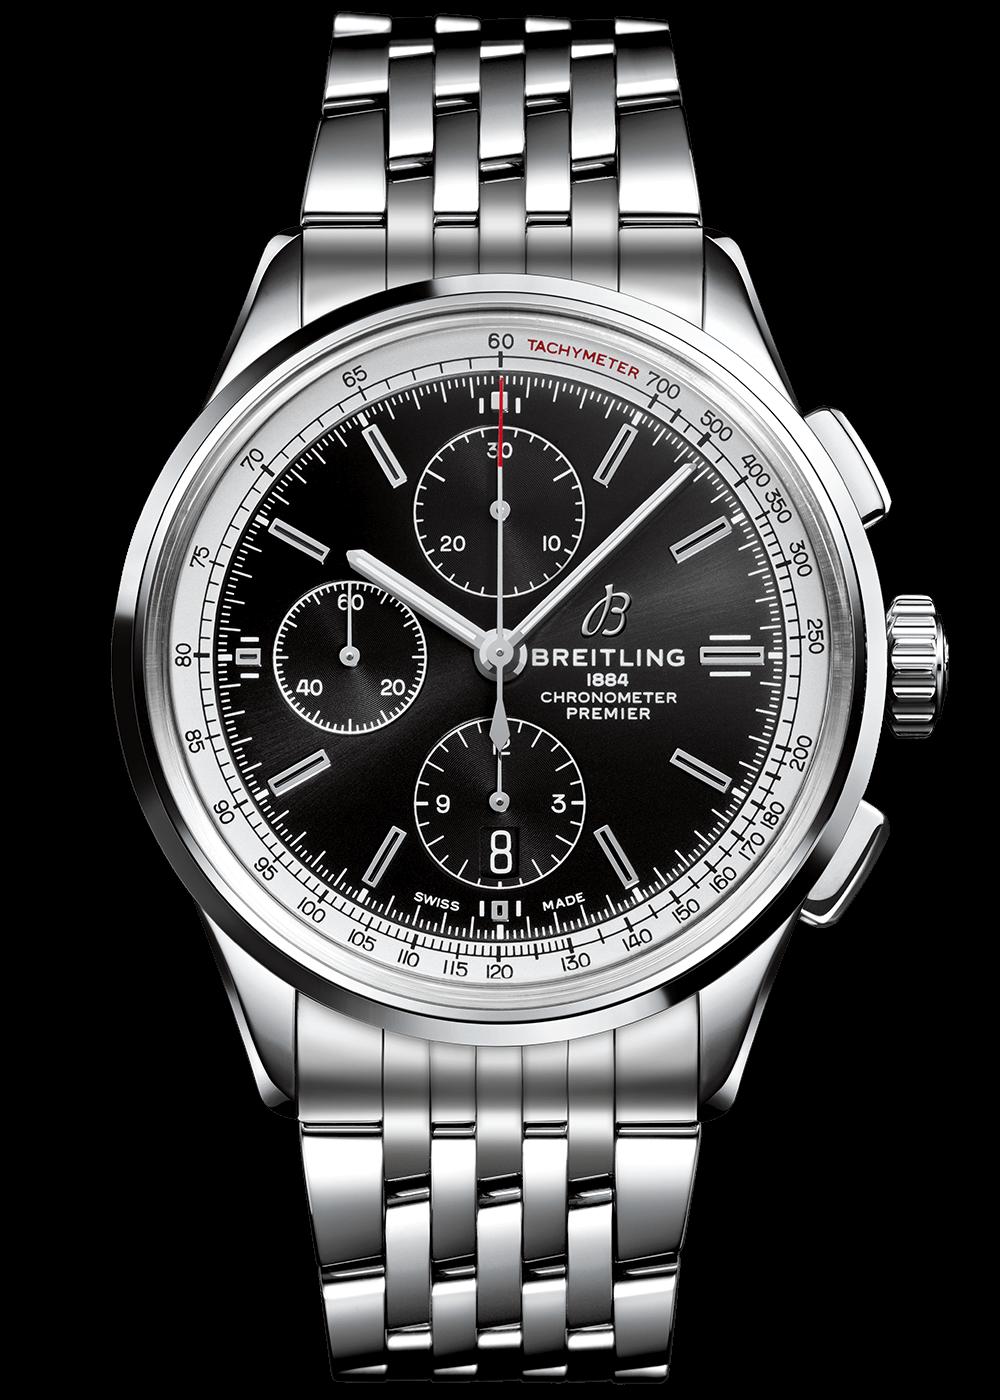 Breitling Chronometer Premier